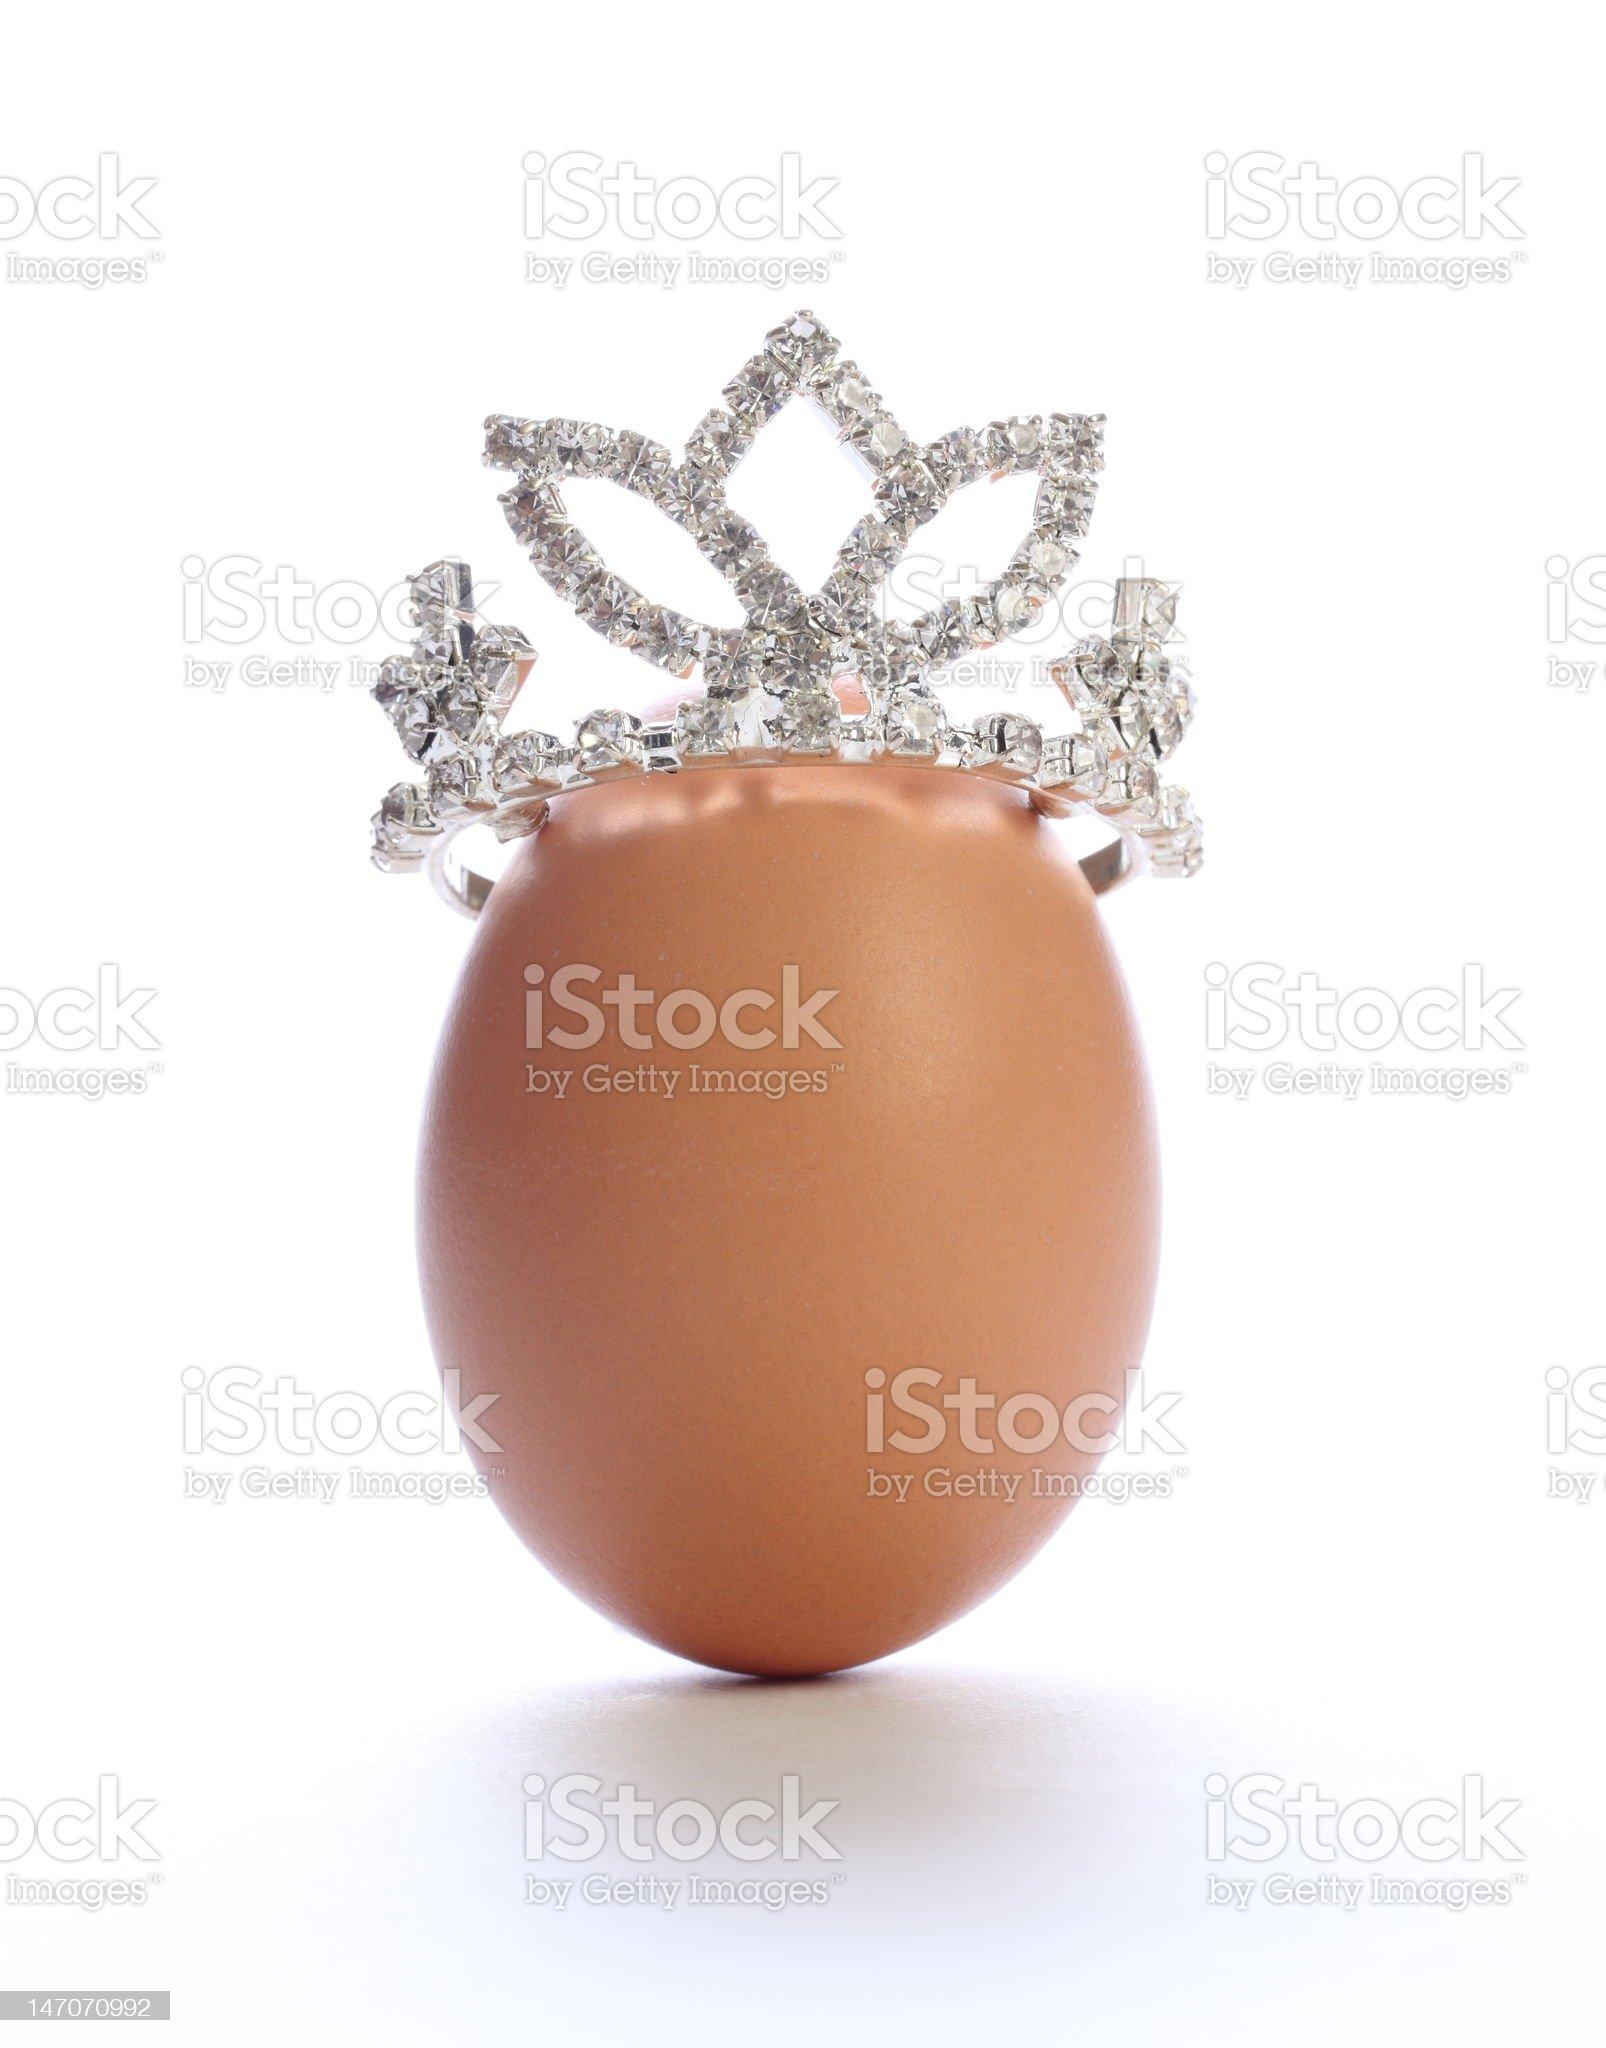 Egg on the tiara royalty-free stock photo